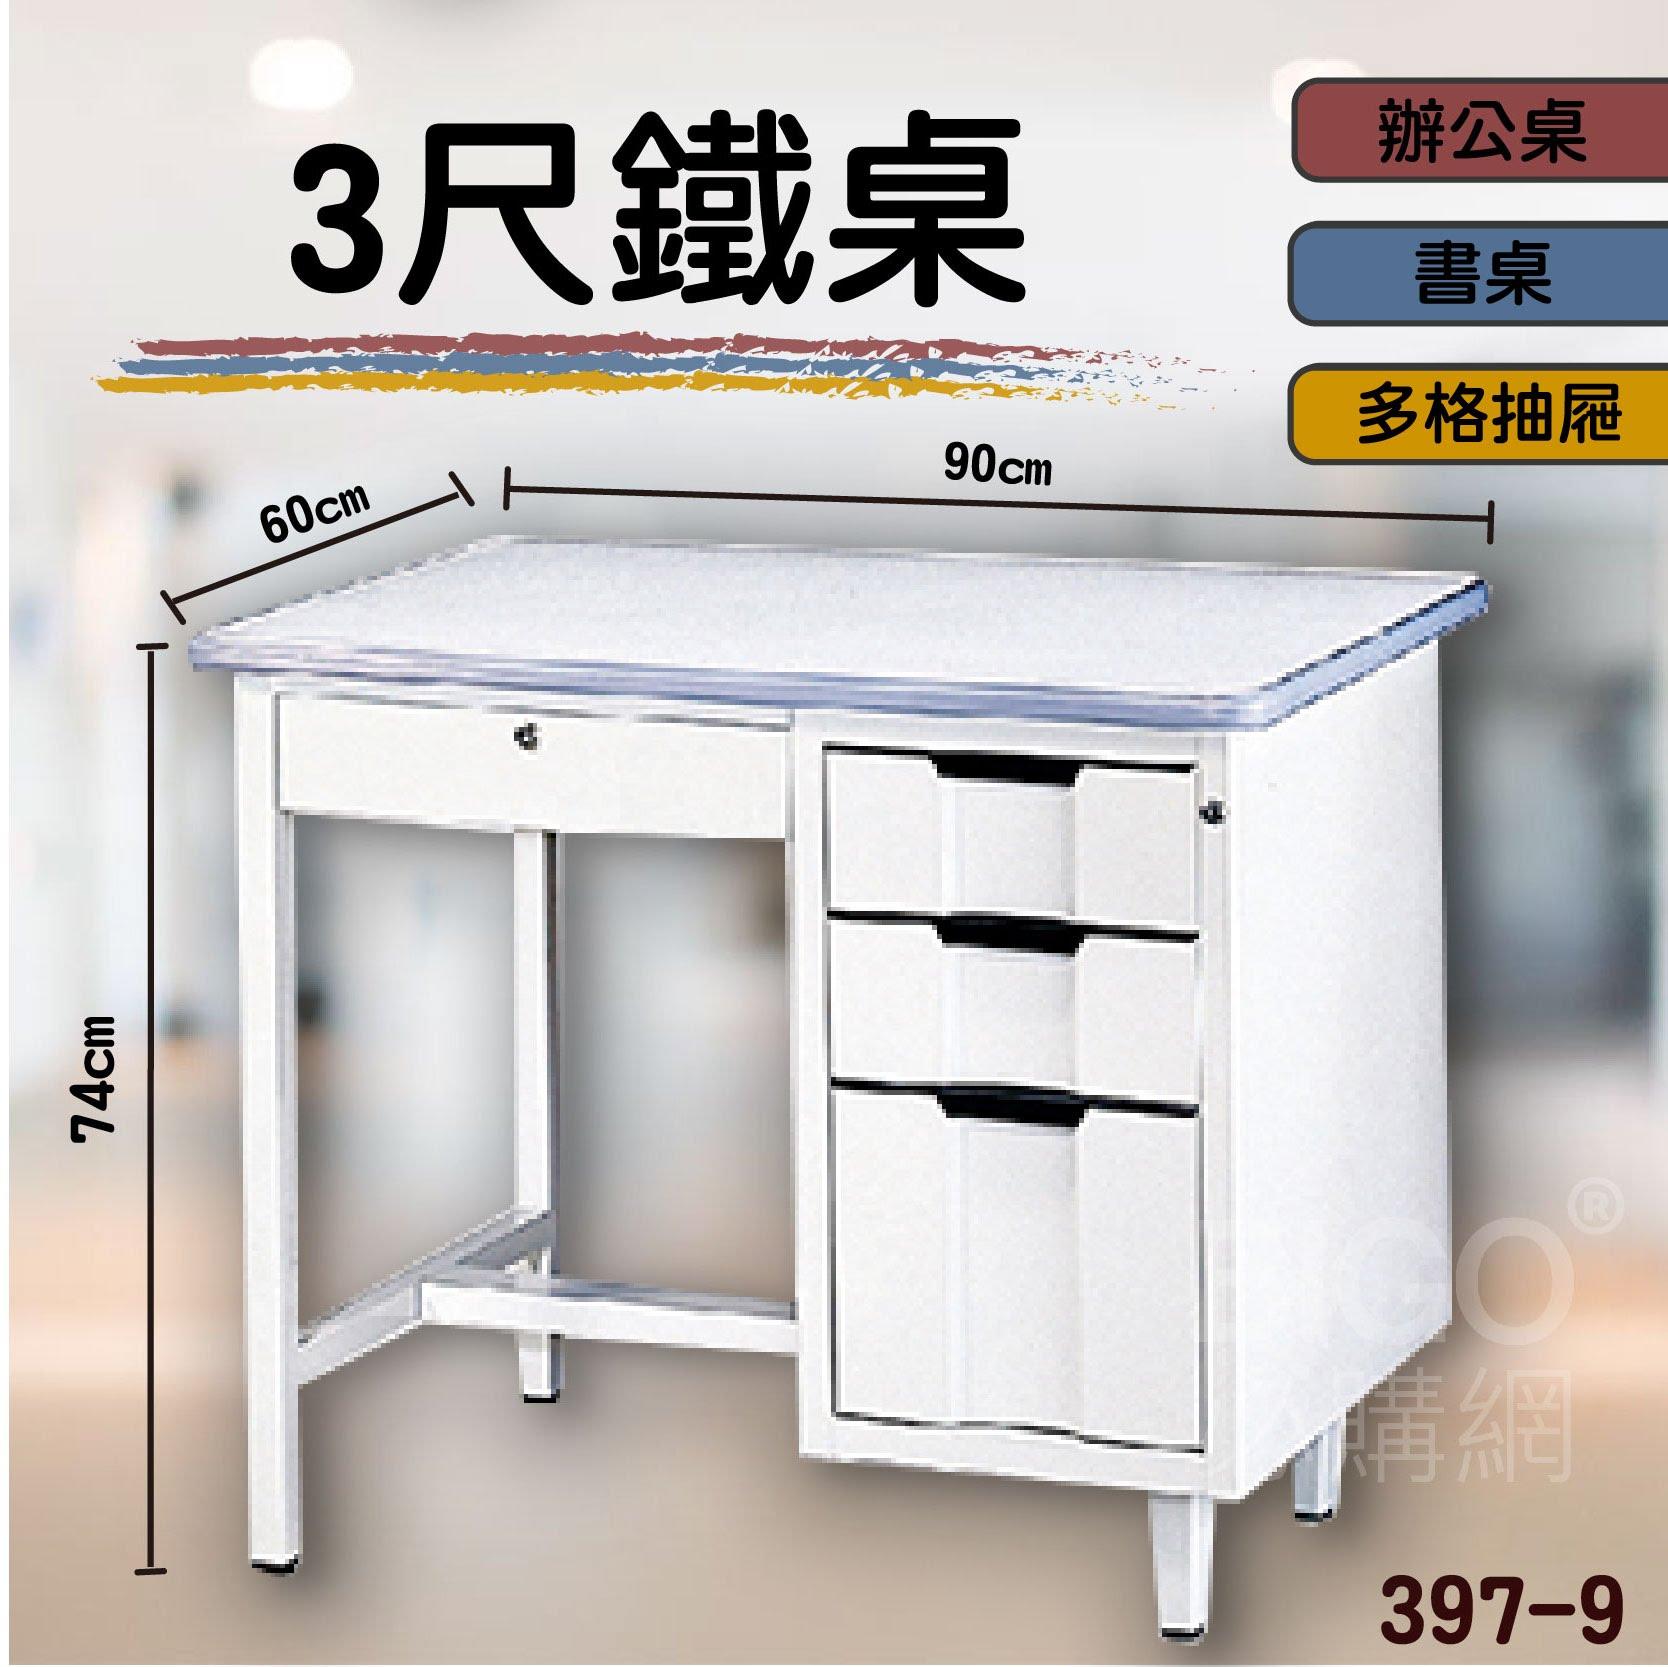 款➤3尺鐵桌 397-9 桌子 書桌 電腦桌 辦公桌 主管桌 抽屜櫃  學校 辦公室 會議室